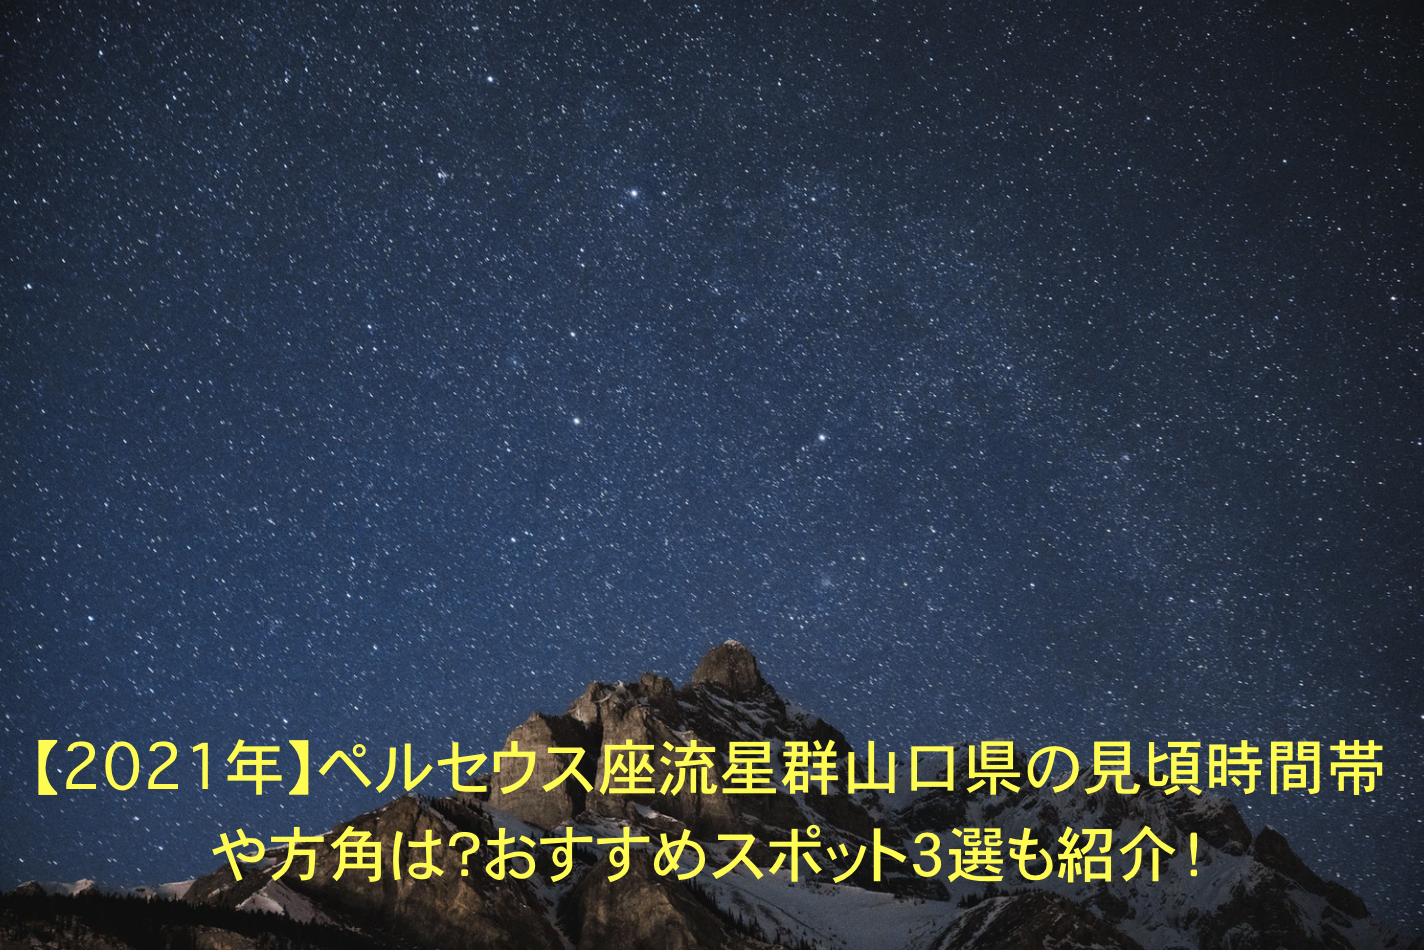 ペルセウス座流星群 山口県 見頃時間帯 方角 おすすめスポット